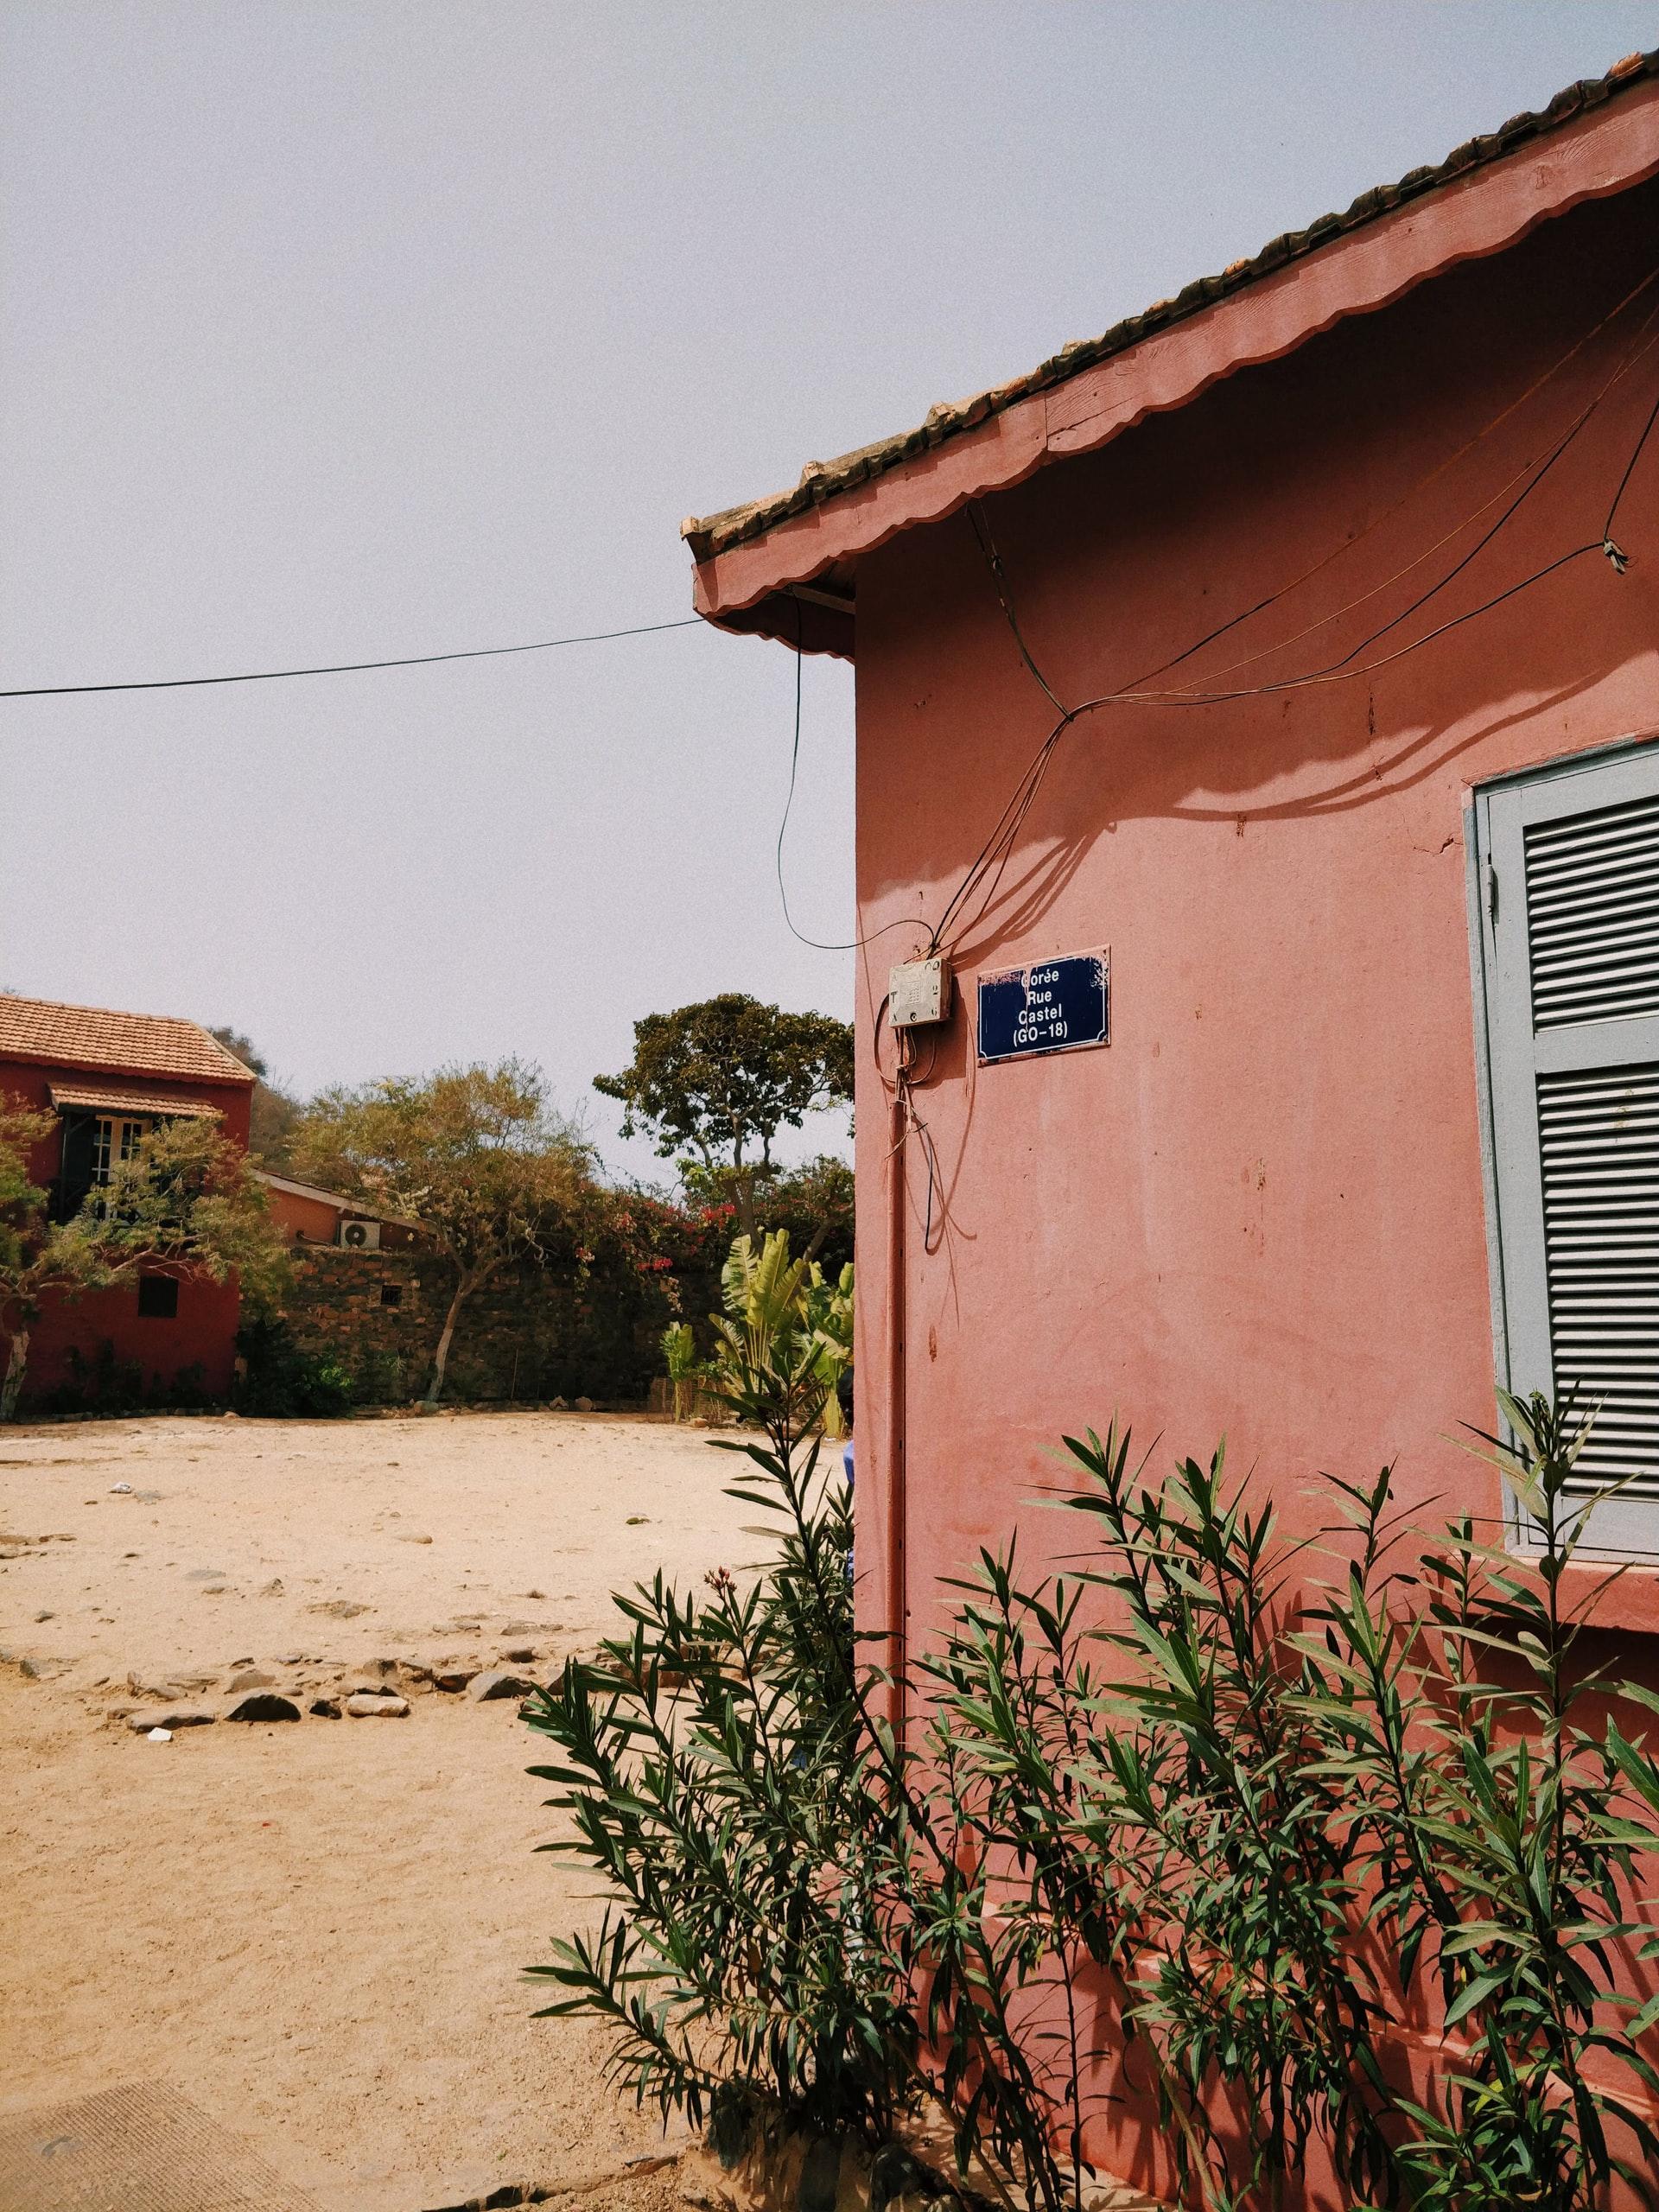 elektrische bekabeling van huis in woestijn